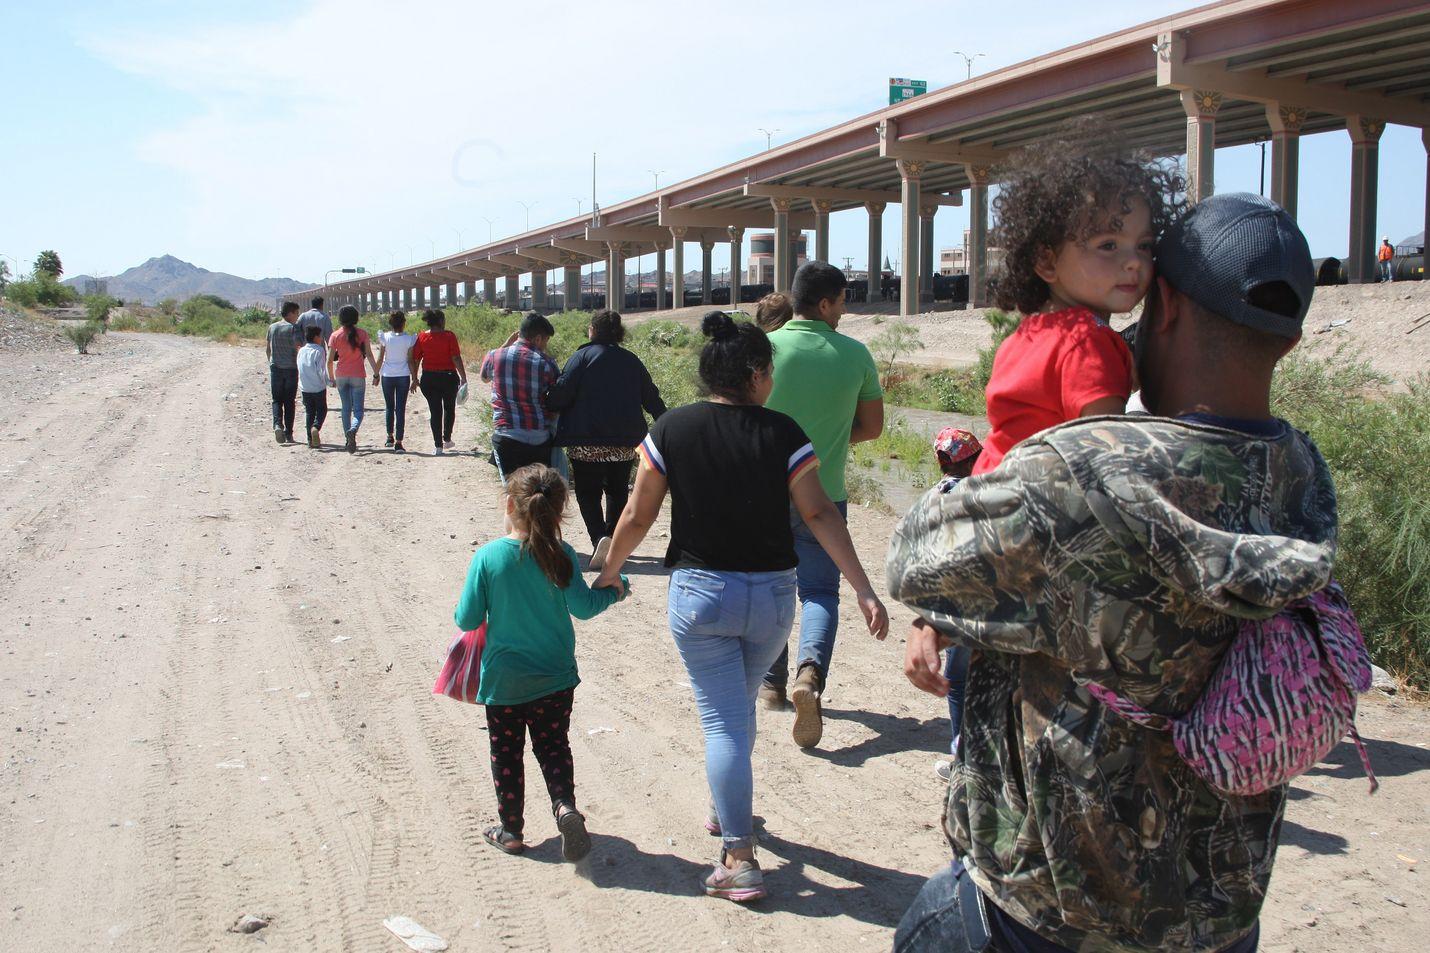 Keskiamerikkalaisten matka kohti Yhdysvaltoja kulkee Ciudad Juárez -rajakaupungin läpi, jossa sijaitsee myös kuolonuhreja vaatinut joki, joka maahanmuuttajien on ylitettävä.